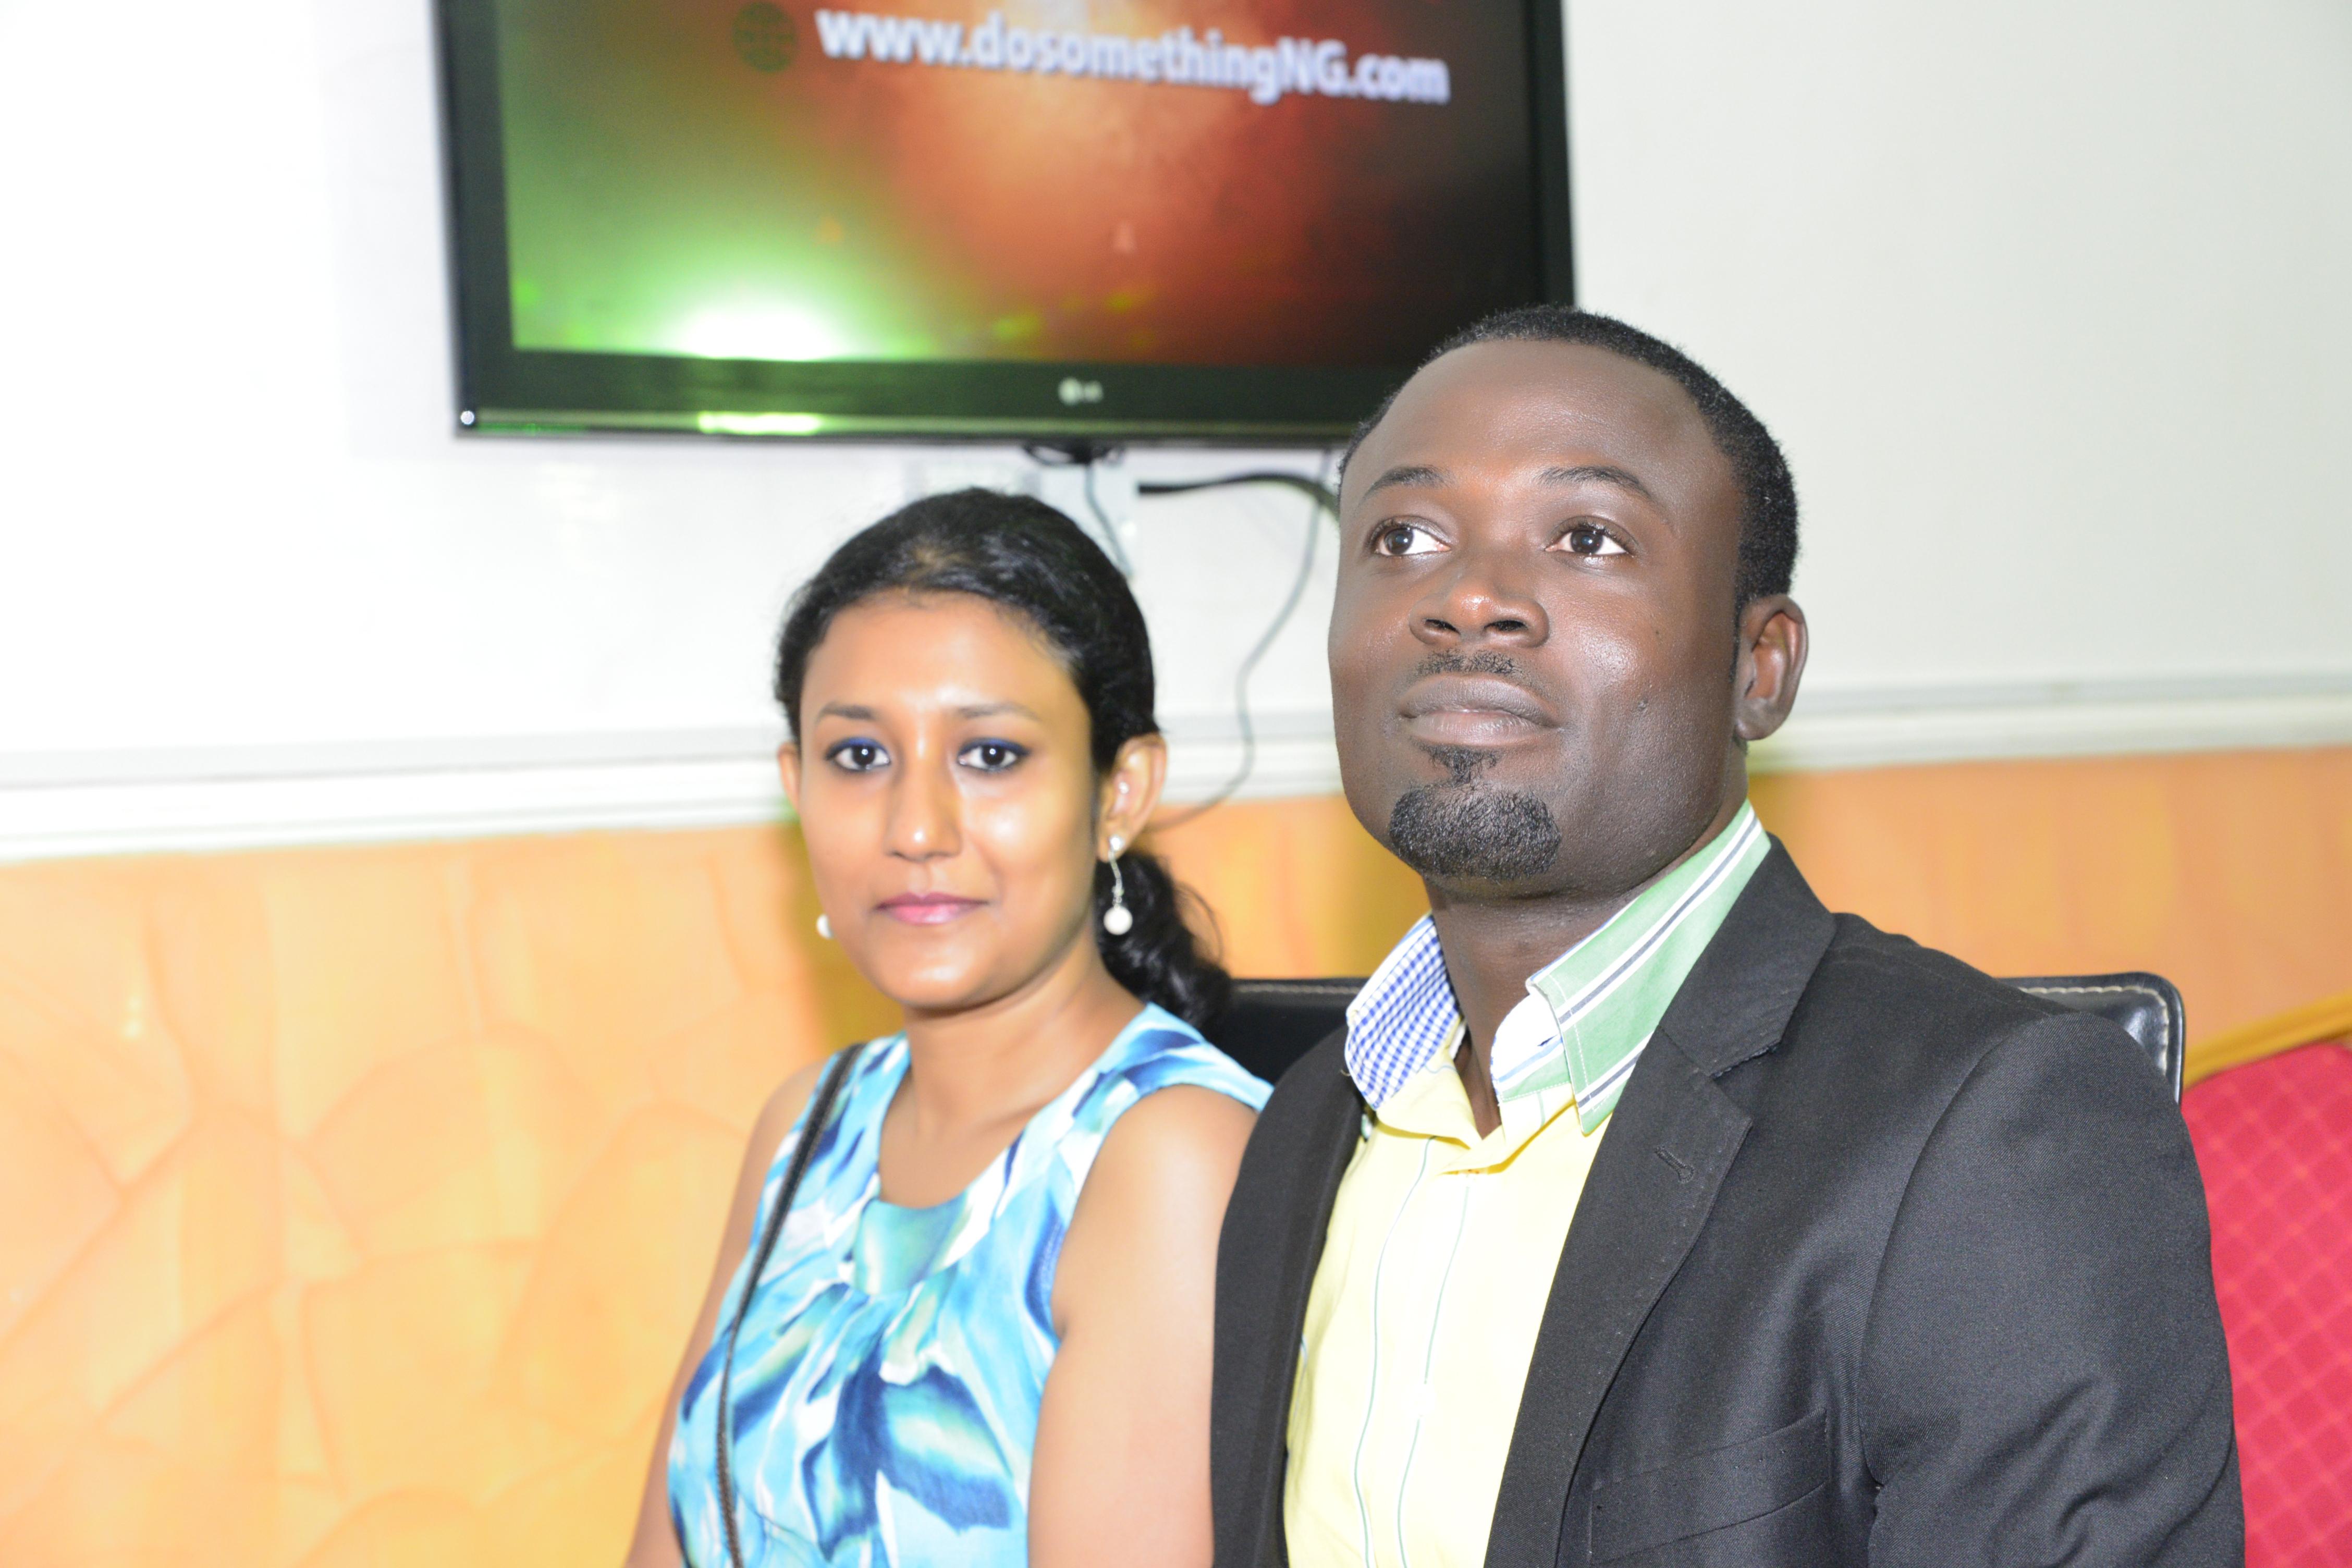 Engr. Manyo Ndoma